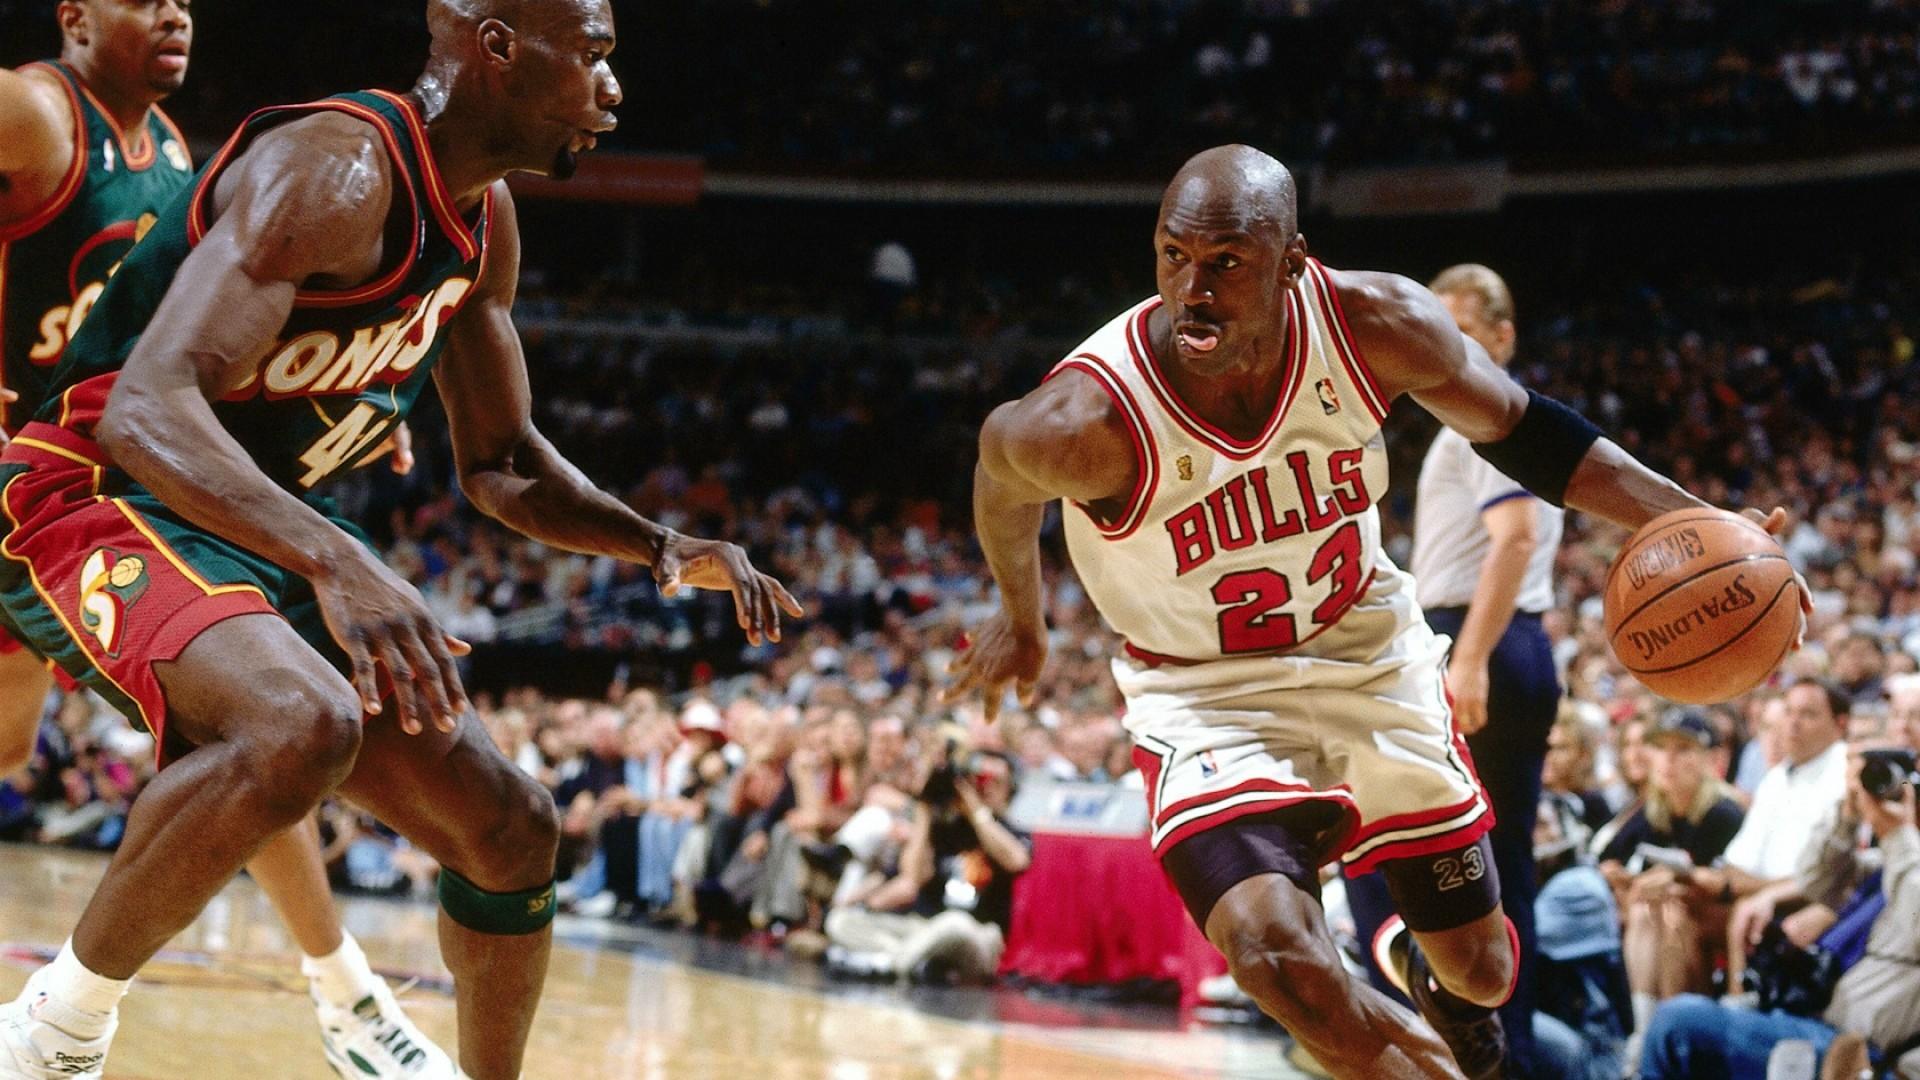 Michael Jordan Quote Hd Wallpapers Free Download: HD Michael Jordan Wallpaper (76+ Images